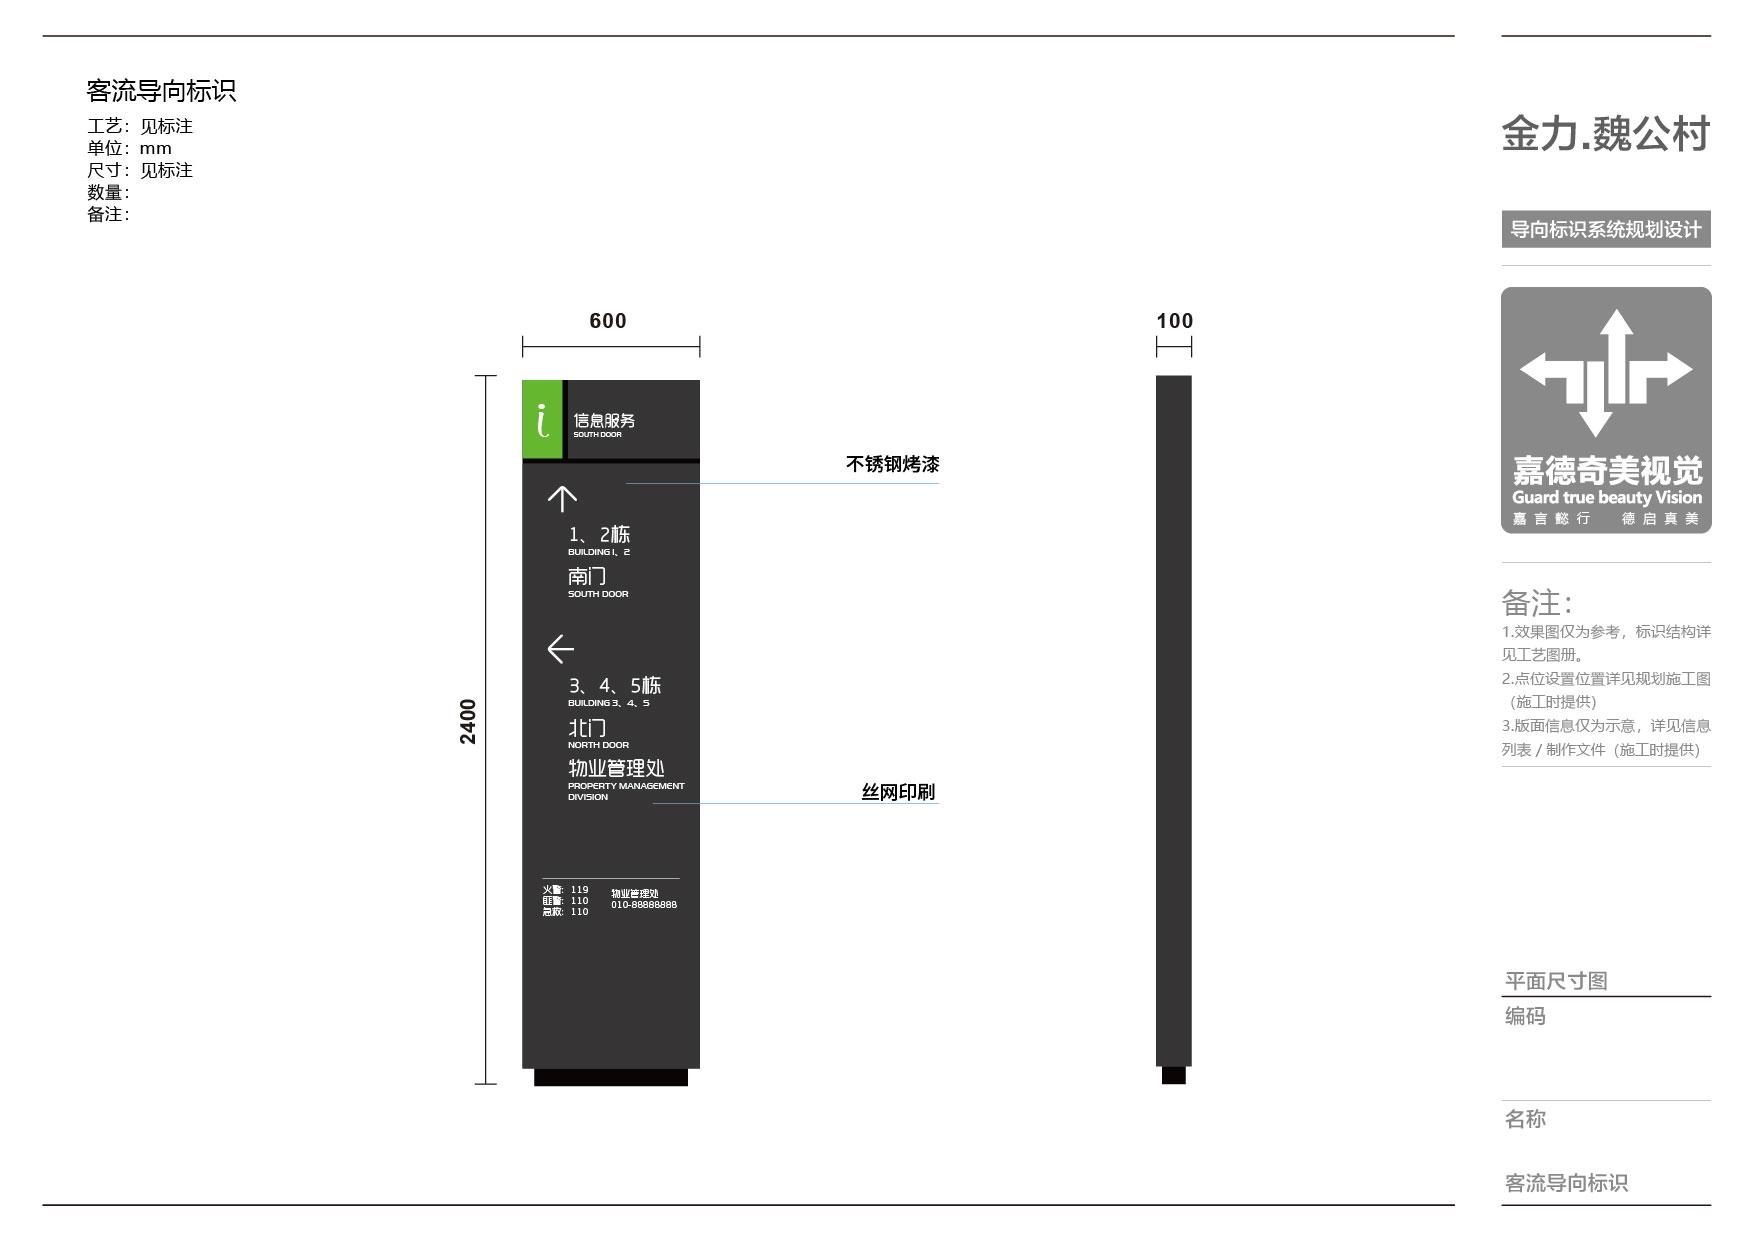 魏公村小区导视系统方案1227合最终发_页面_04